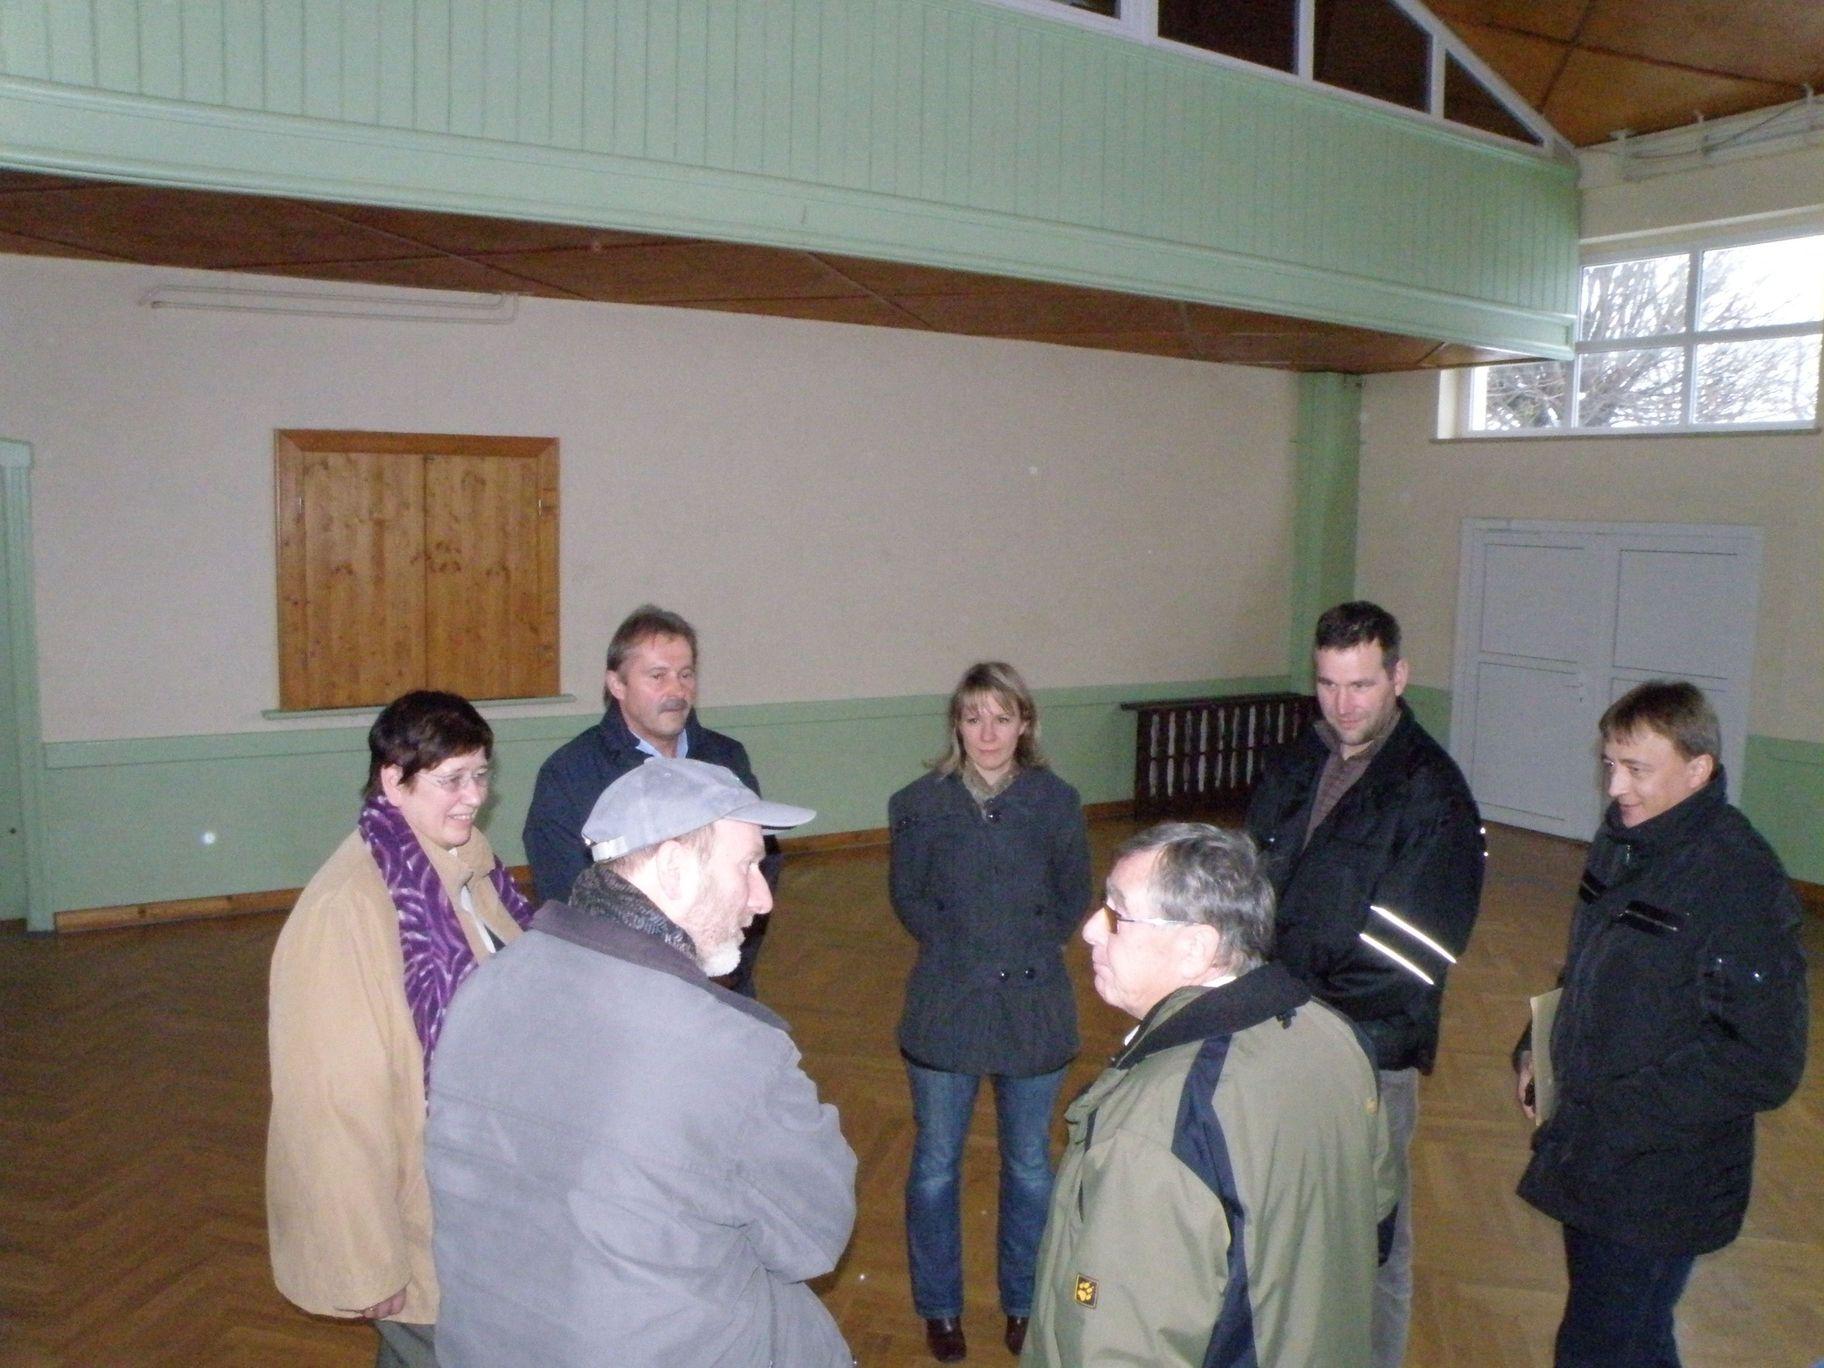 Besichtigung des Objektes durch RAG-Vorstandsmitglieder am 26.11.2010